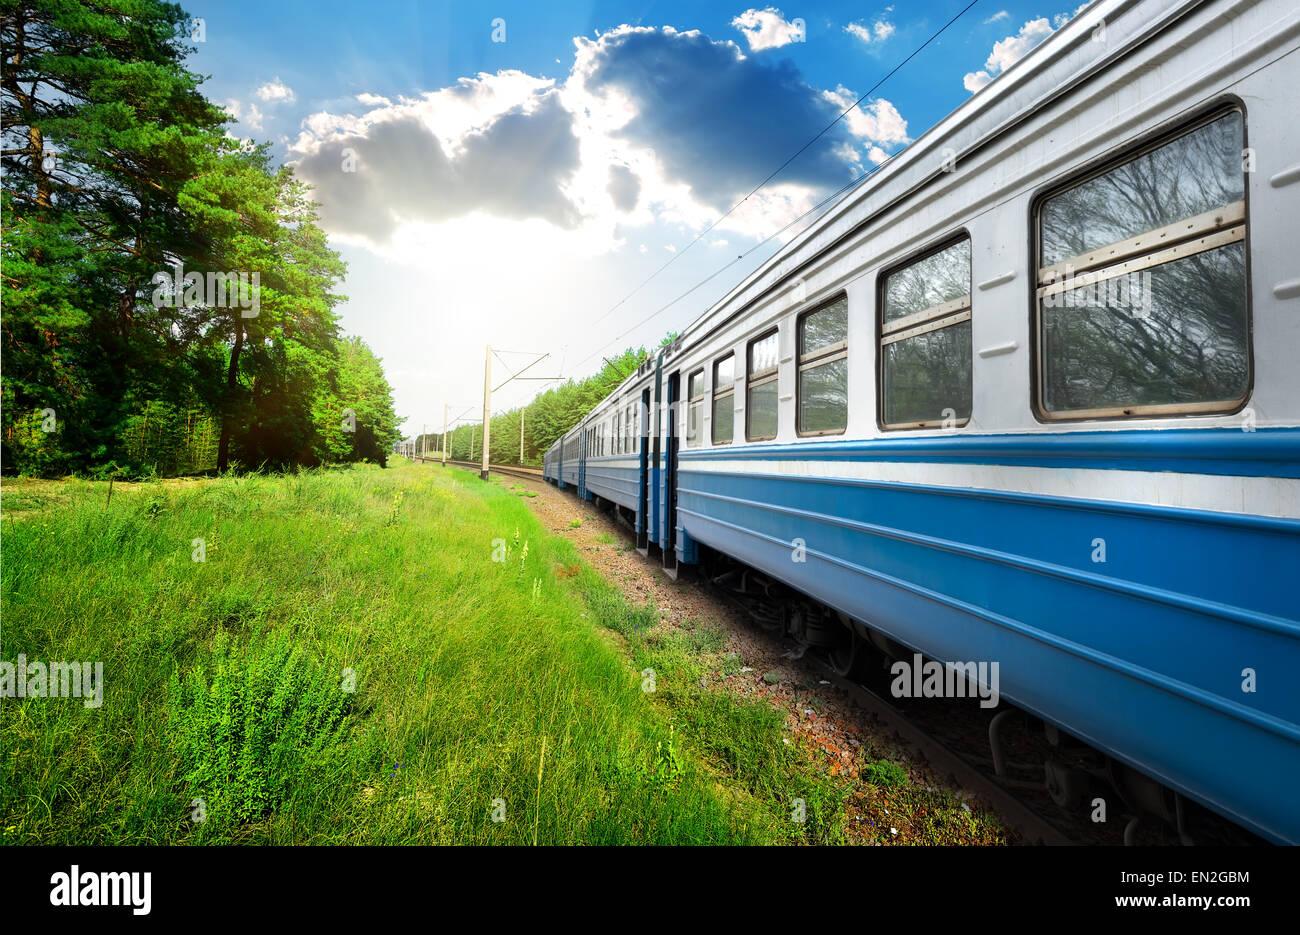 Vagón de tren y bosque de pinos en día soleado Imagen De Stock